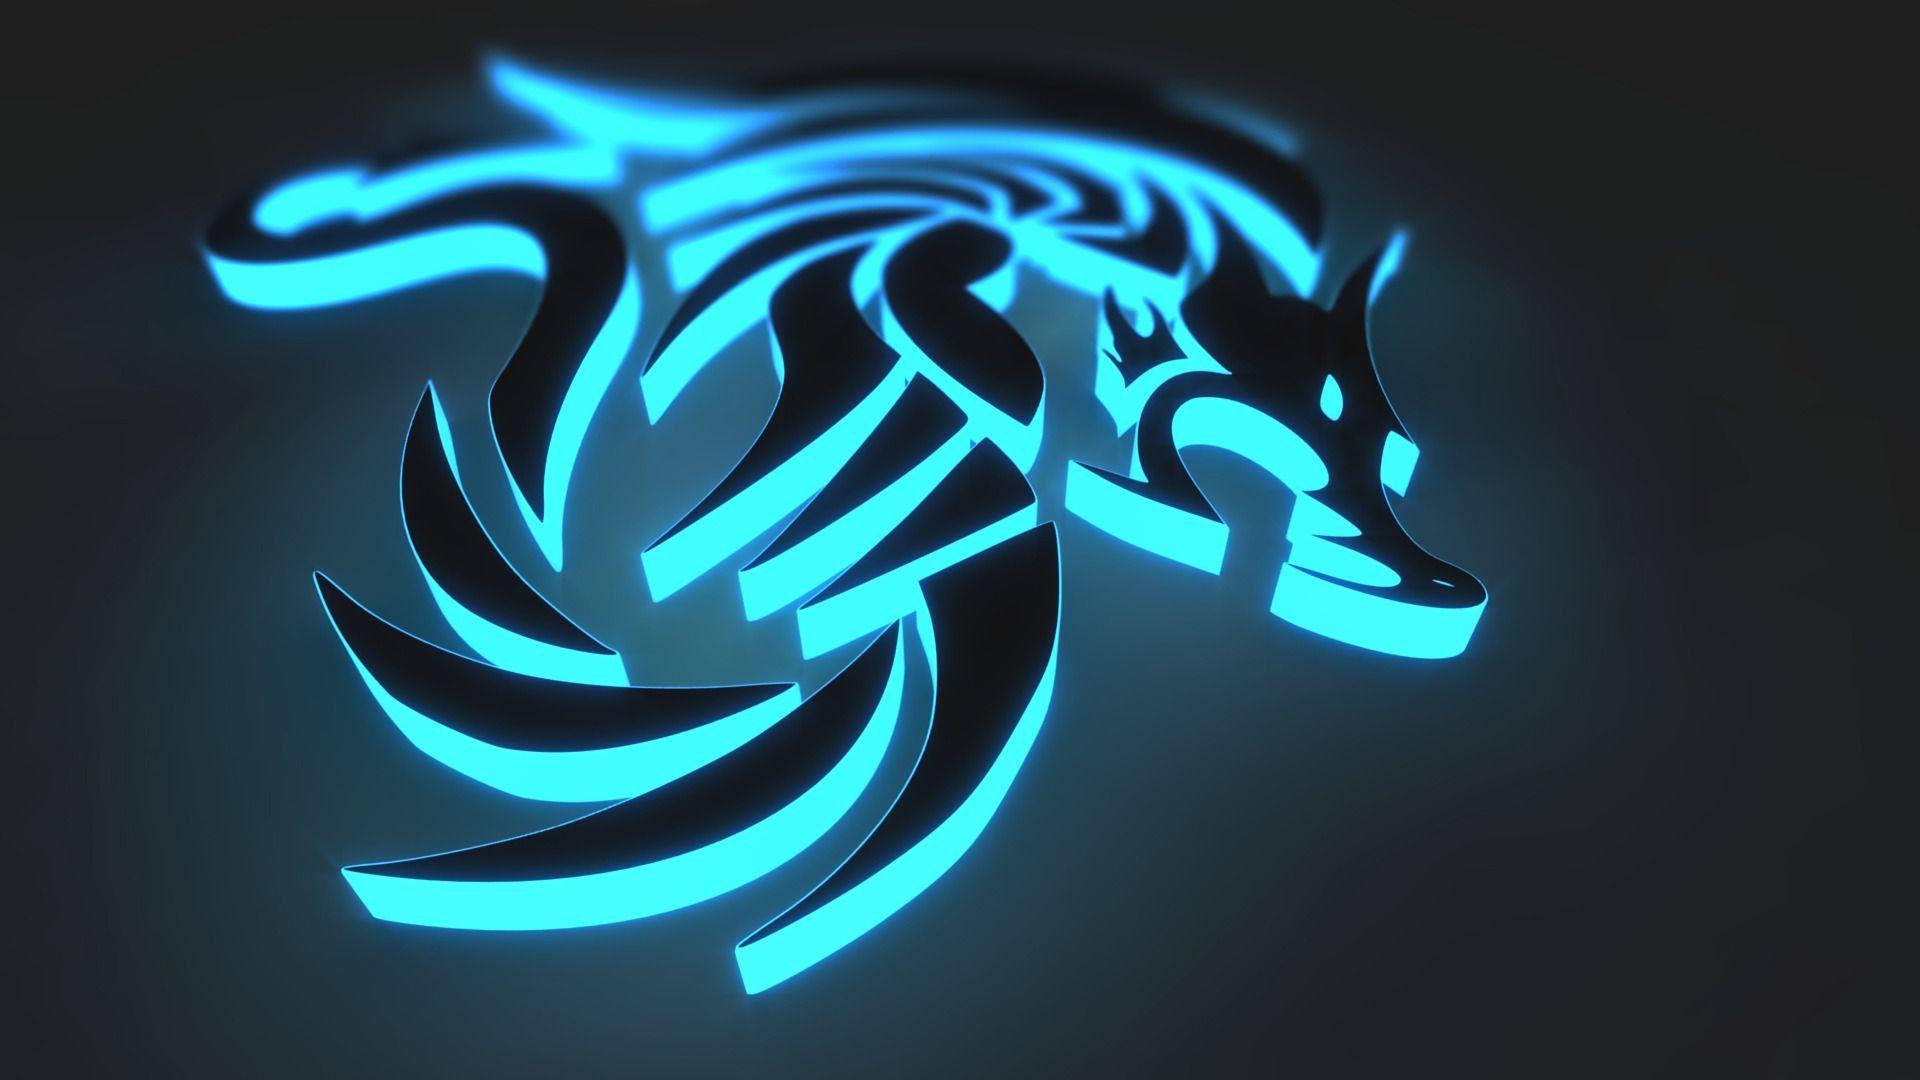 Blue Dragon Wallpaper Sf Wallpaper